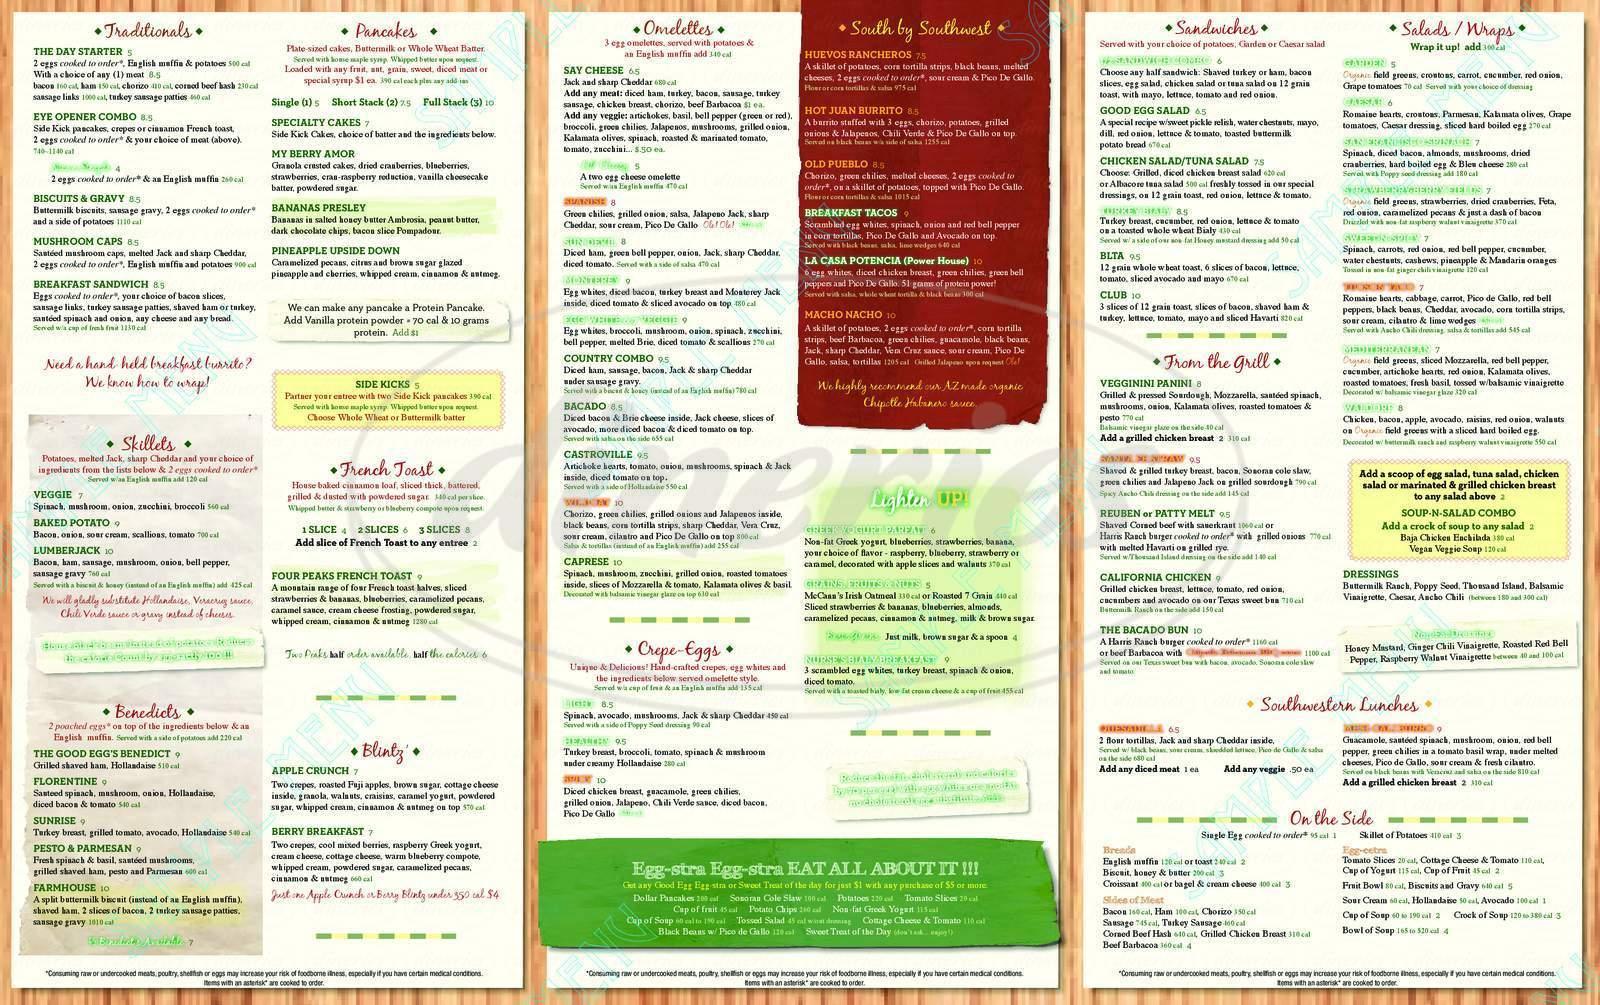 menu for The Good Egg